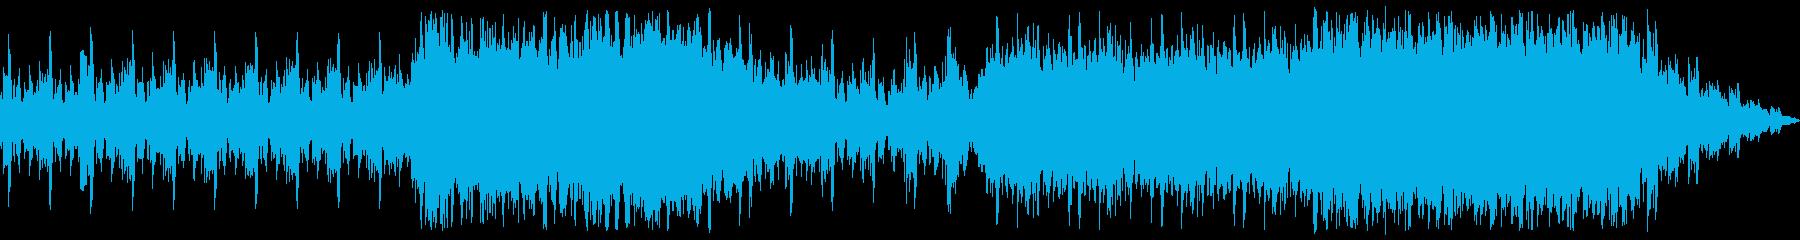 前向きなイメージのオーケストラ風サウン…の再生済みの波形